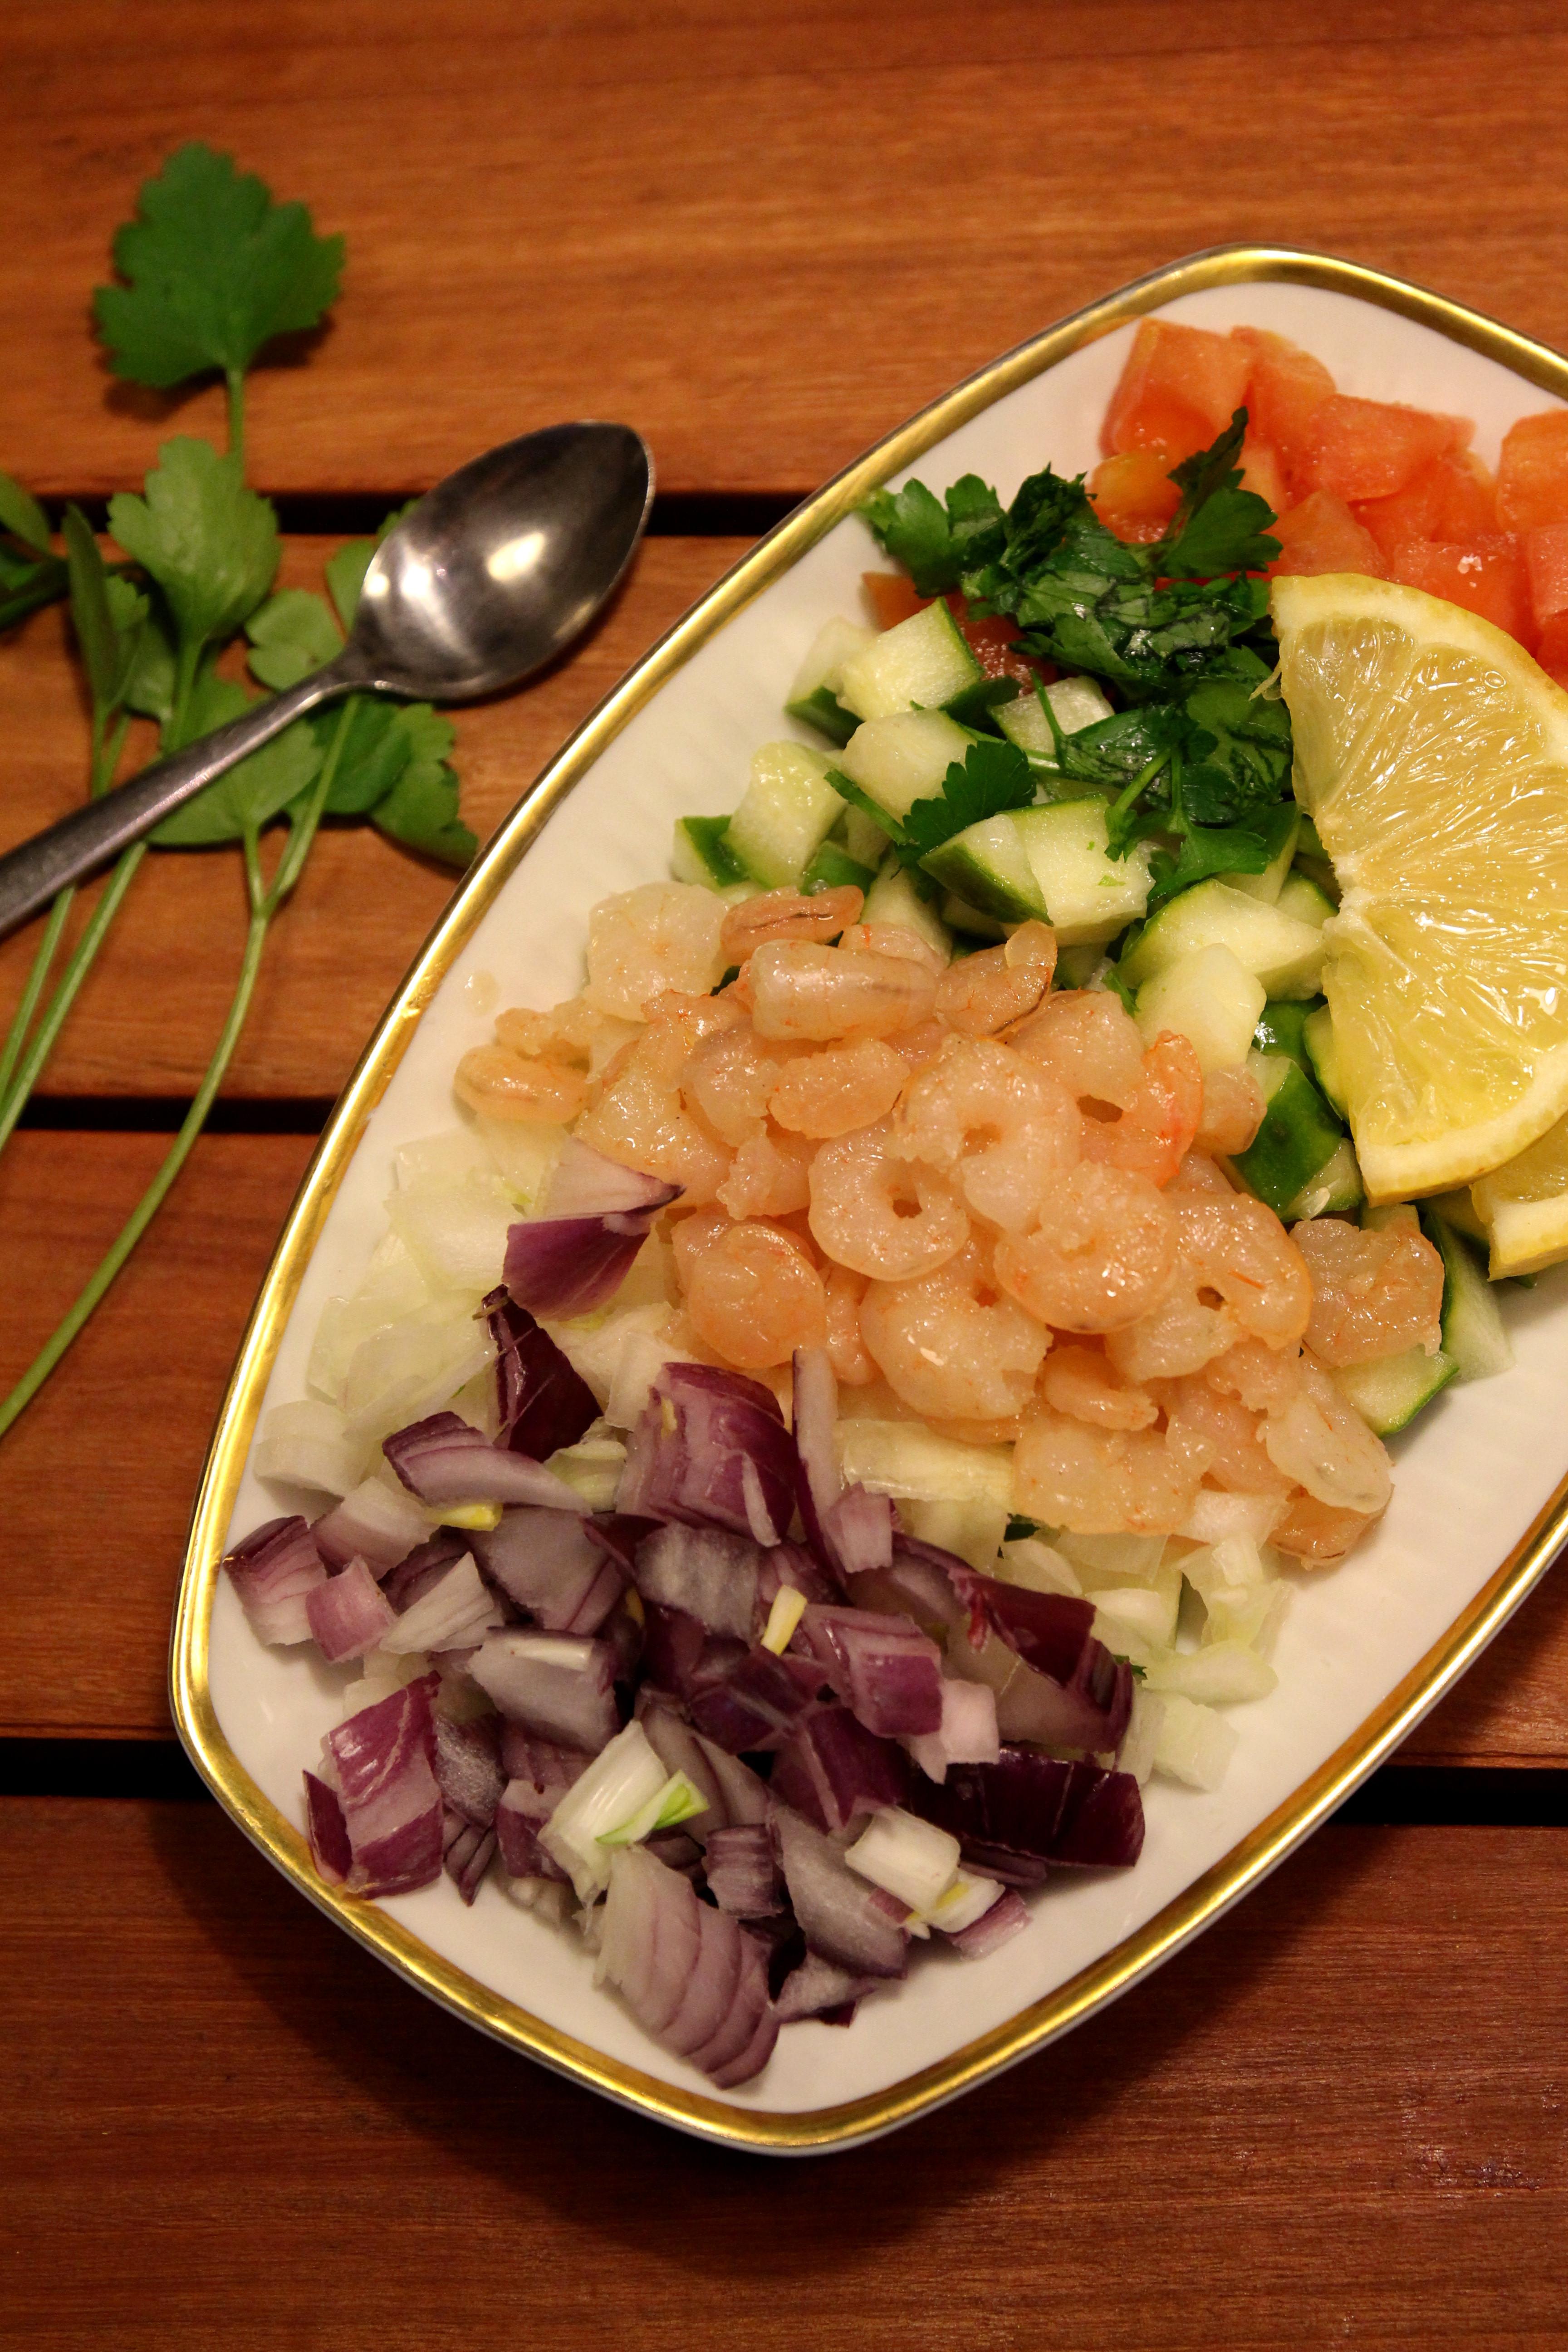 Shrimp & Vegetable Salad10